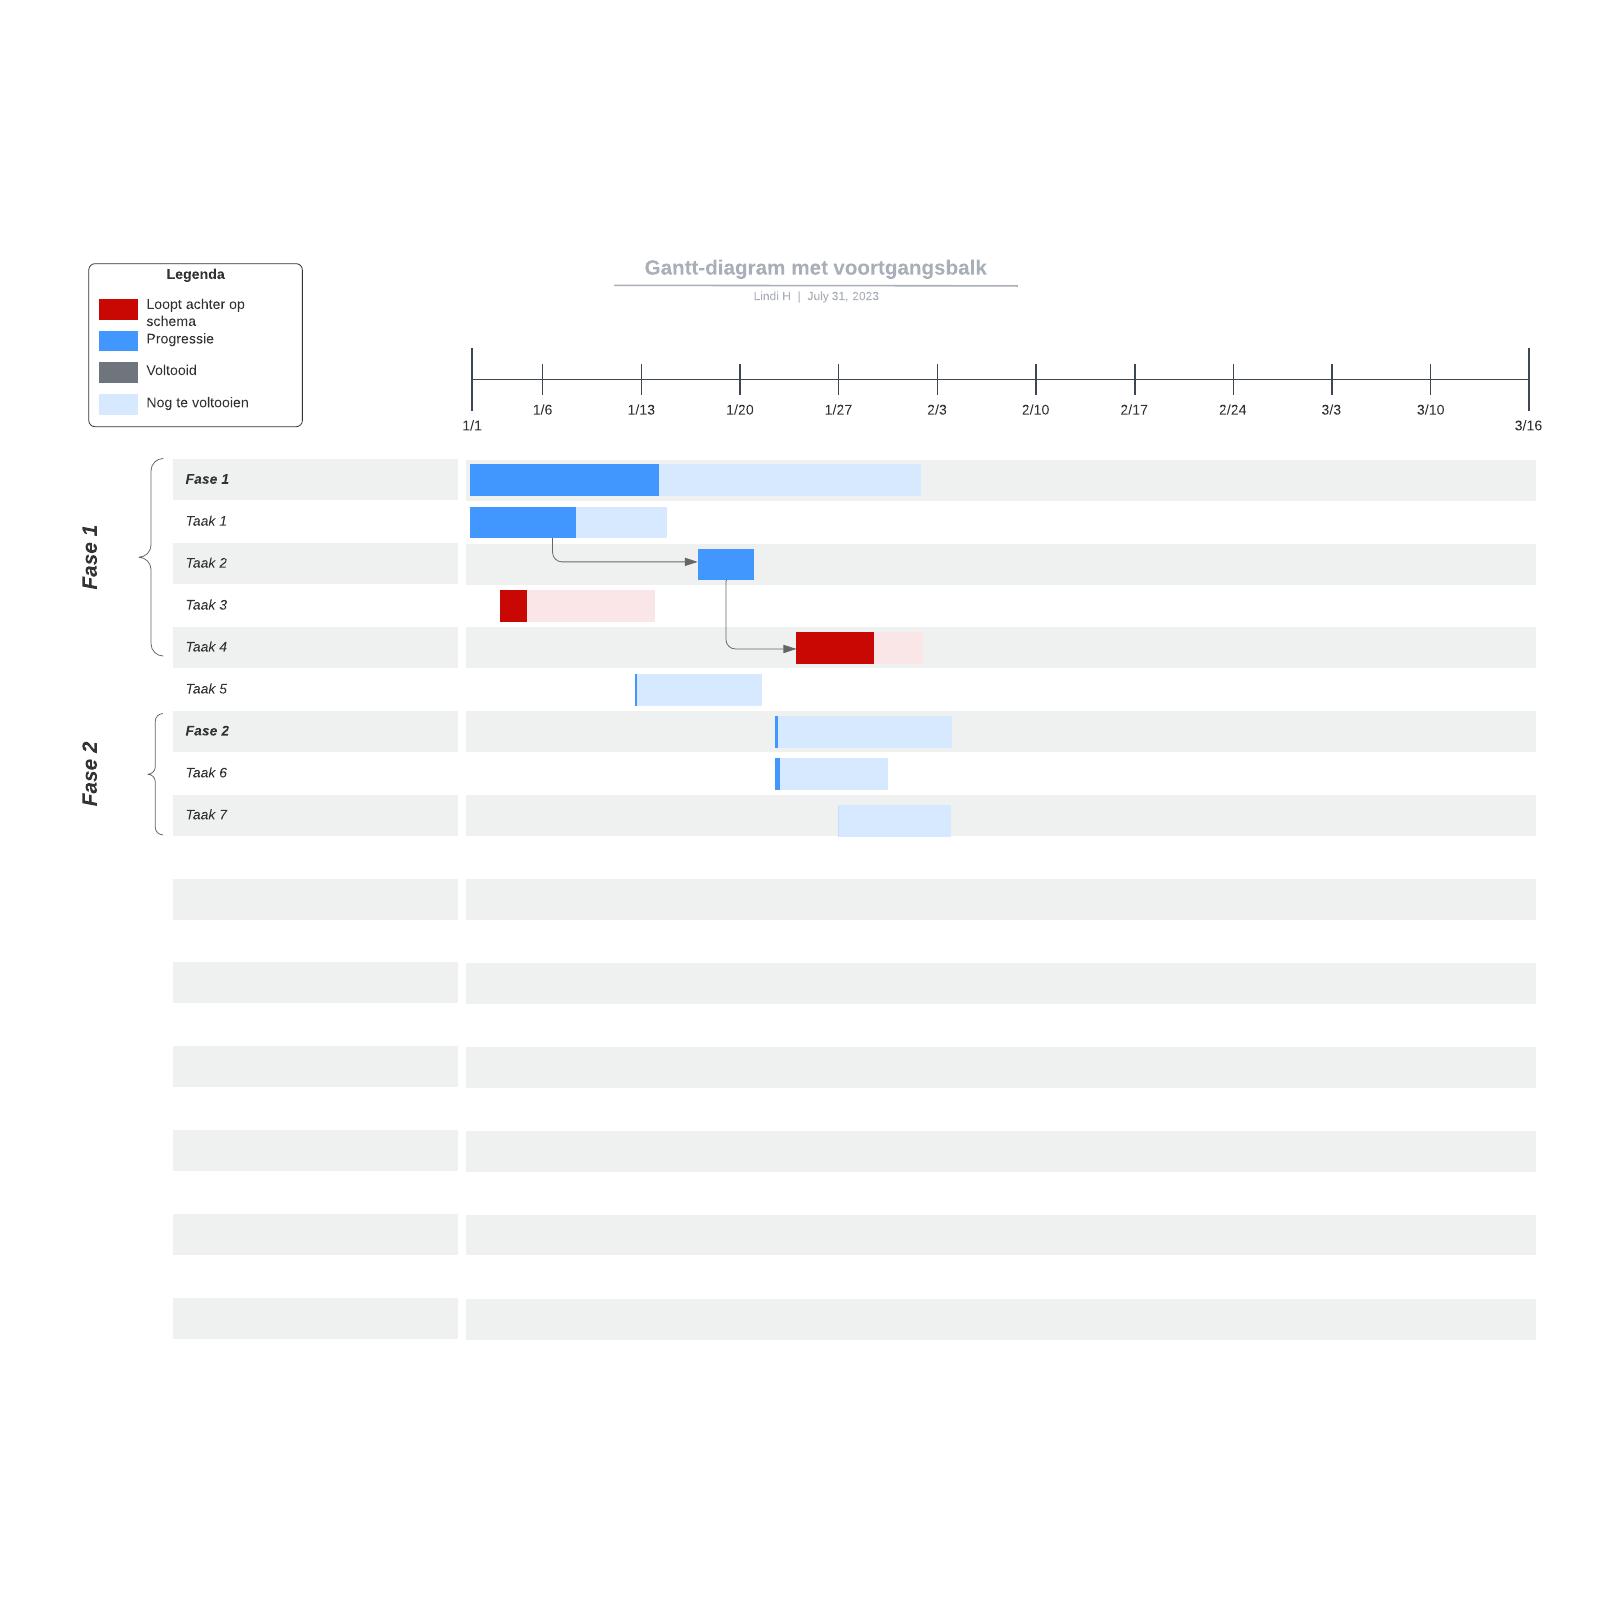 Gantt-diagram met voortgangsbalk